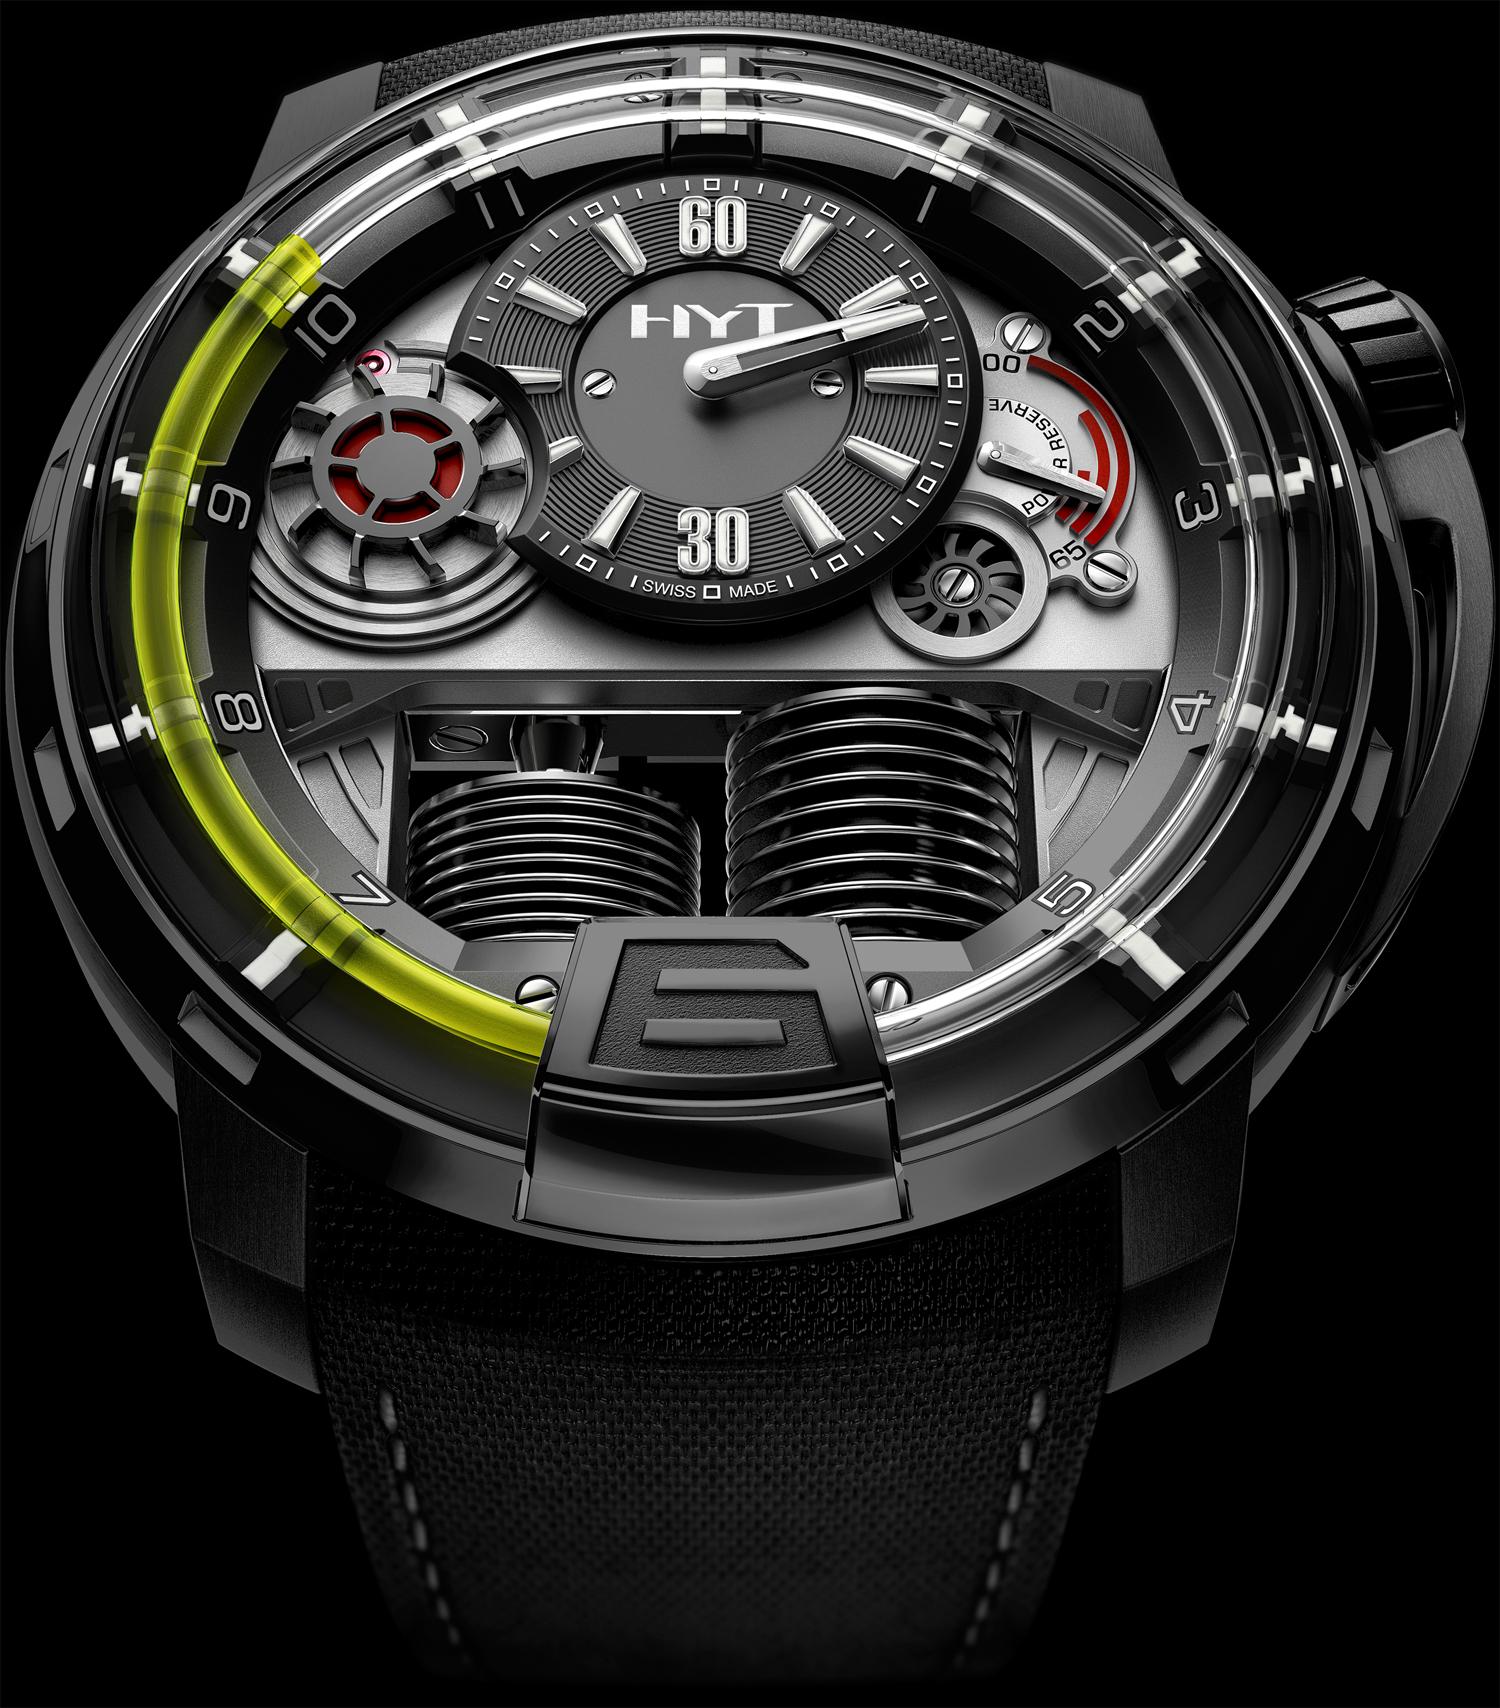 часы HYT H3